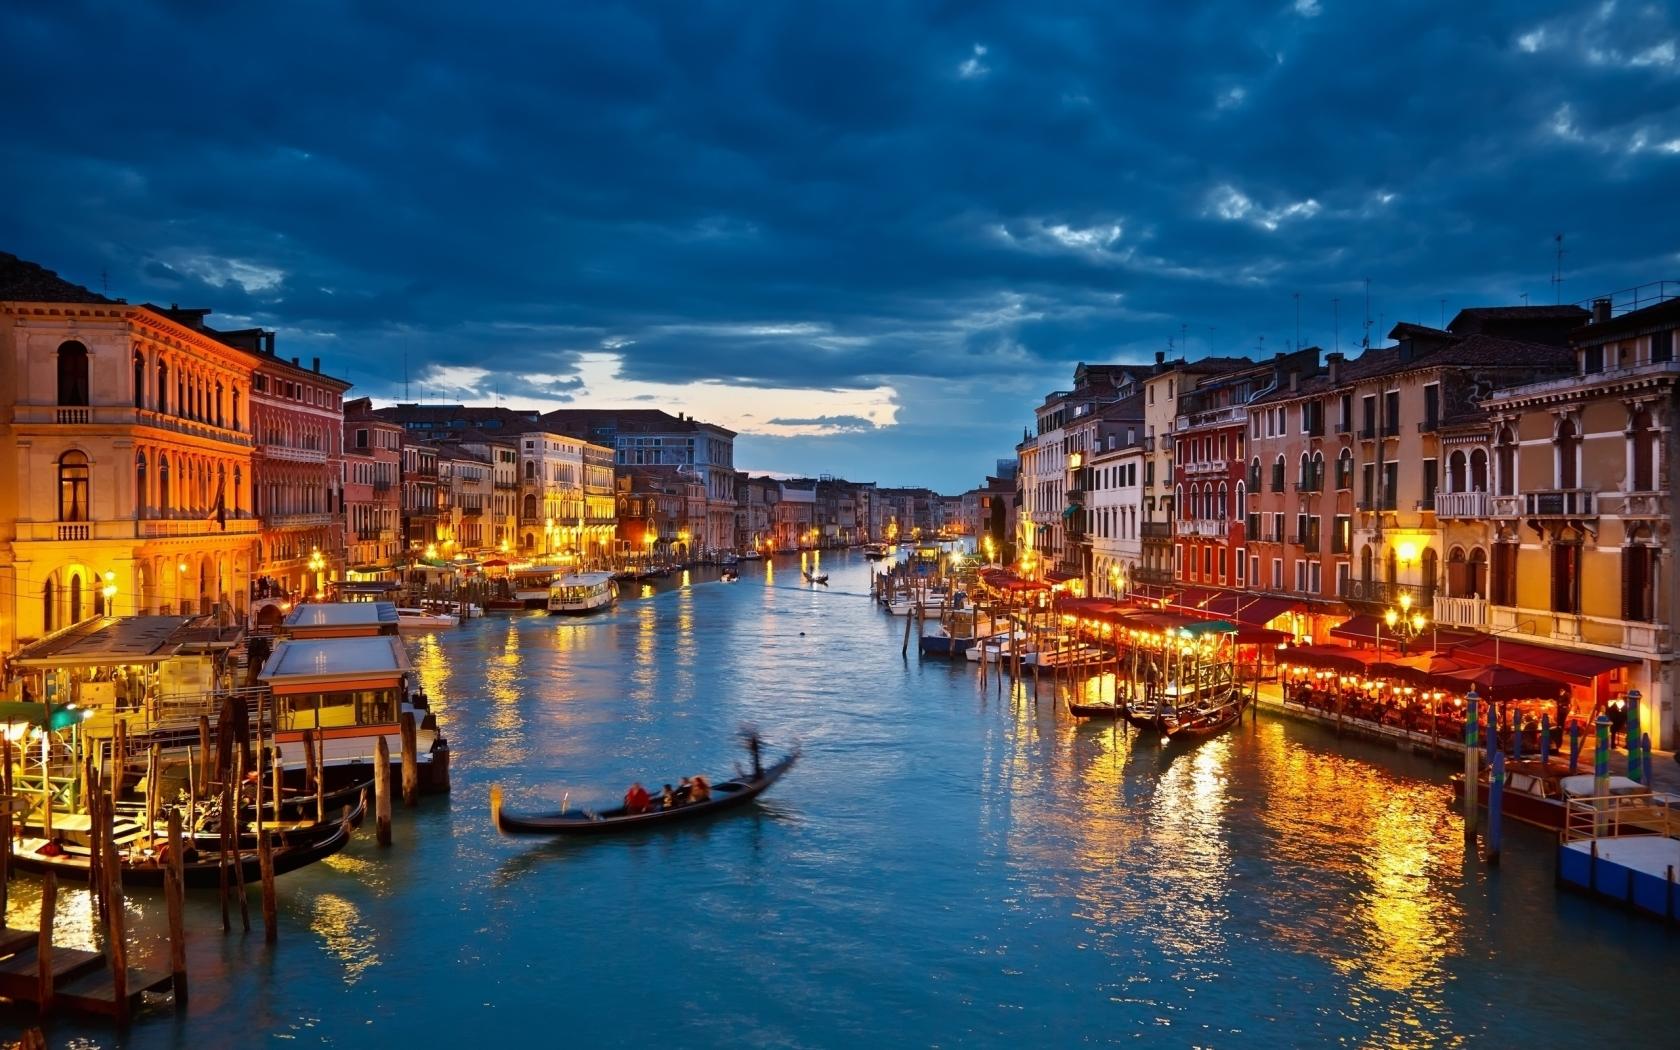 Через 80 лет Венеция может на100% уйти под воду— ученые